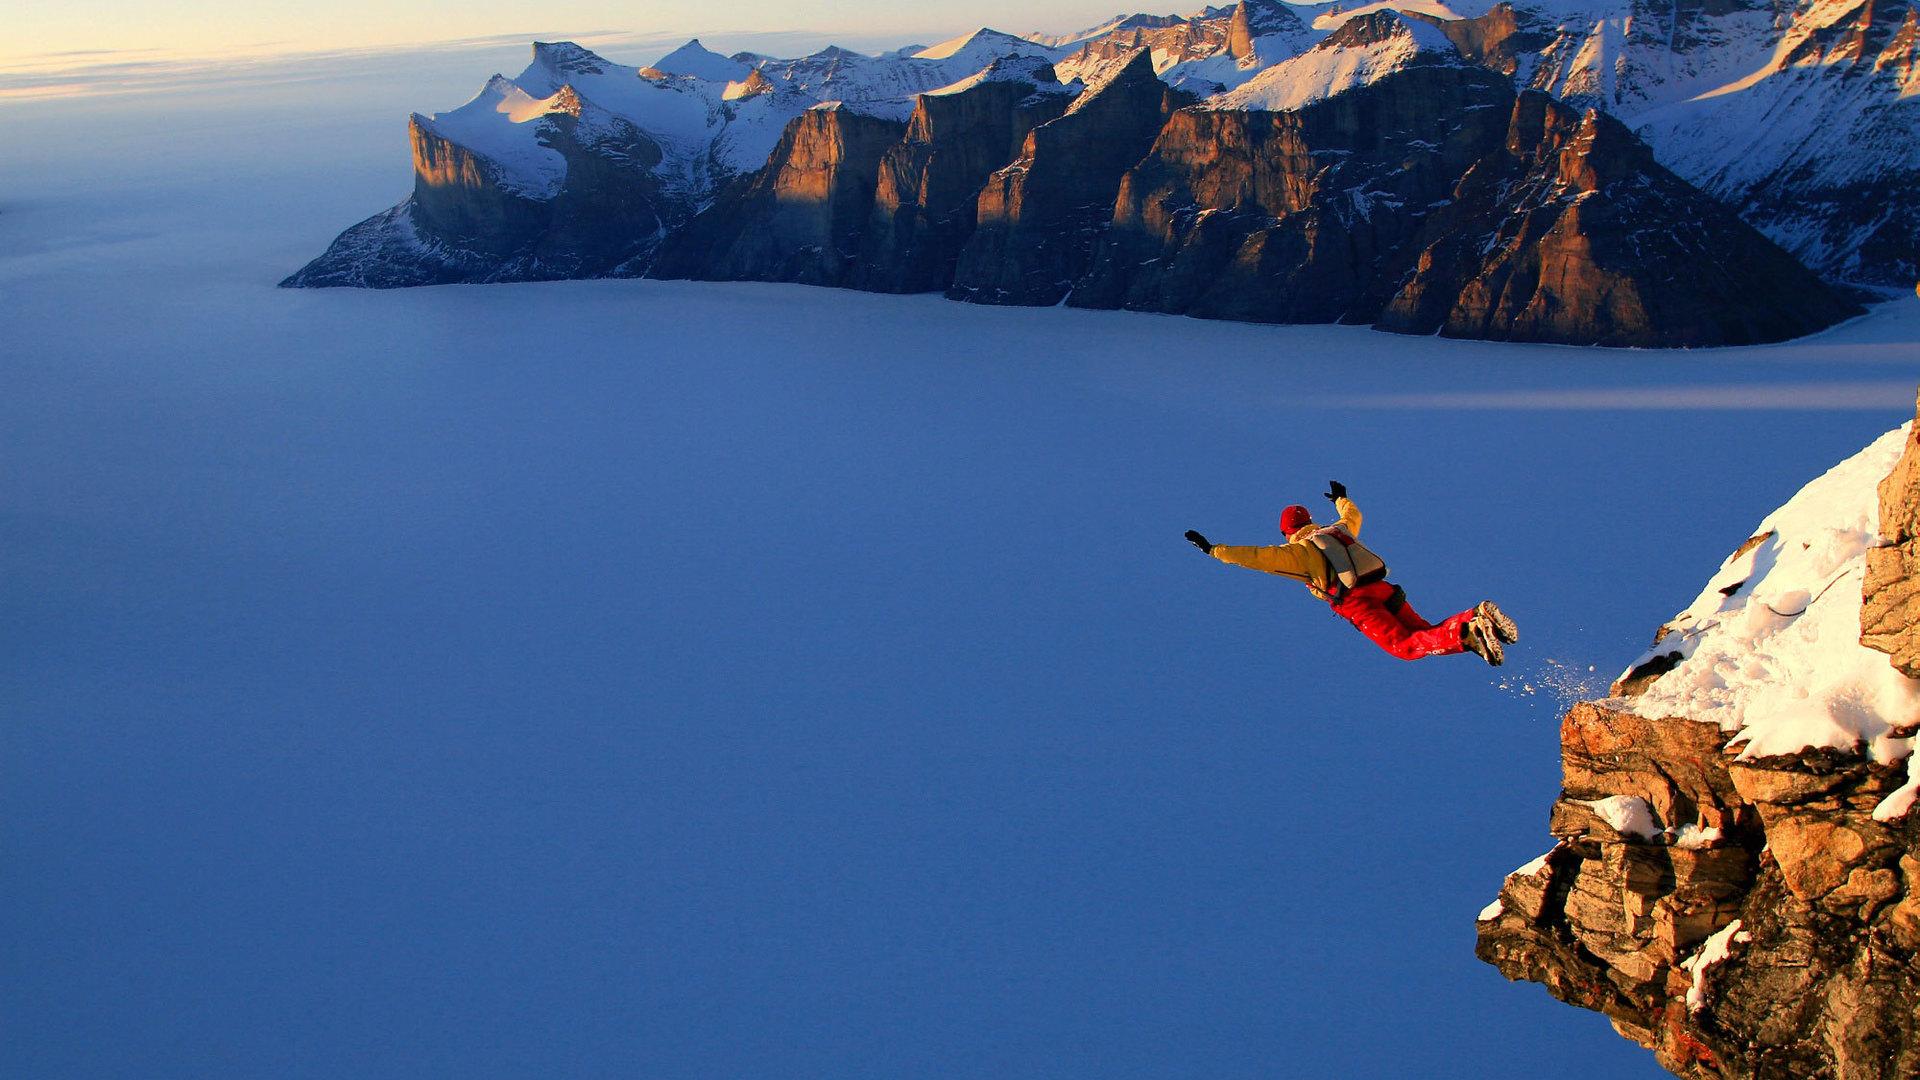 Skydiving Wallpaper